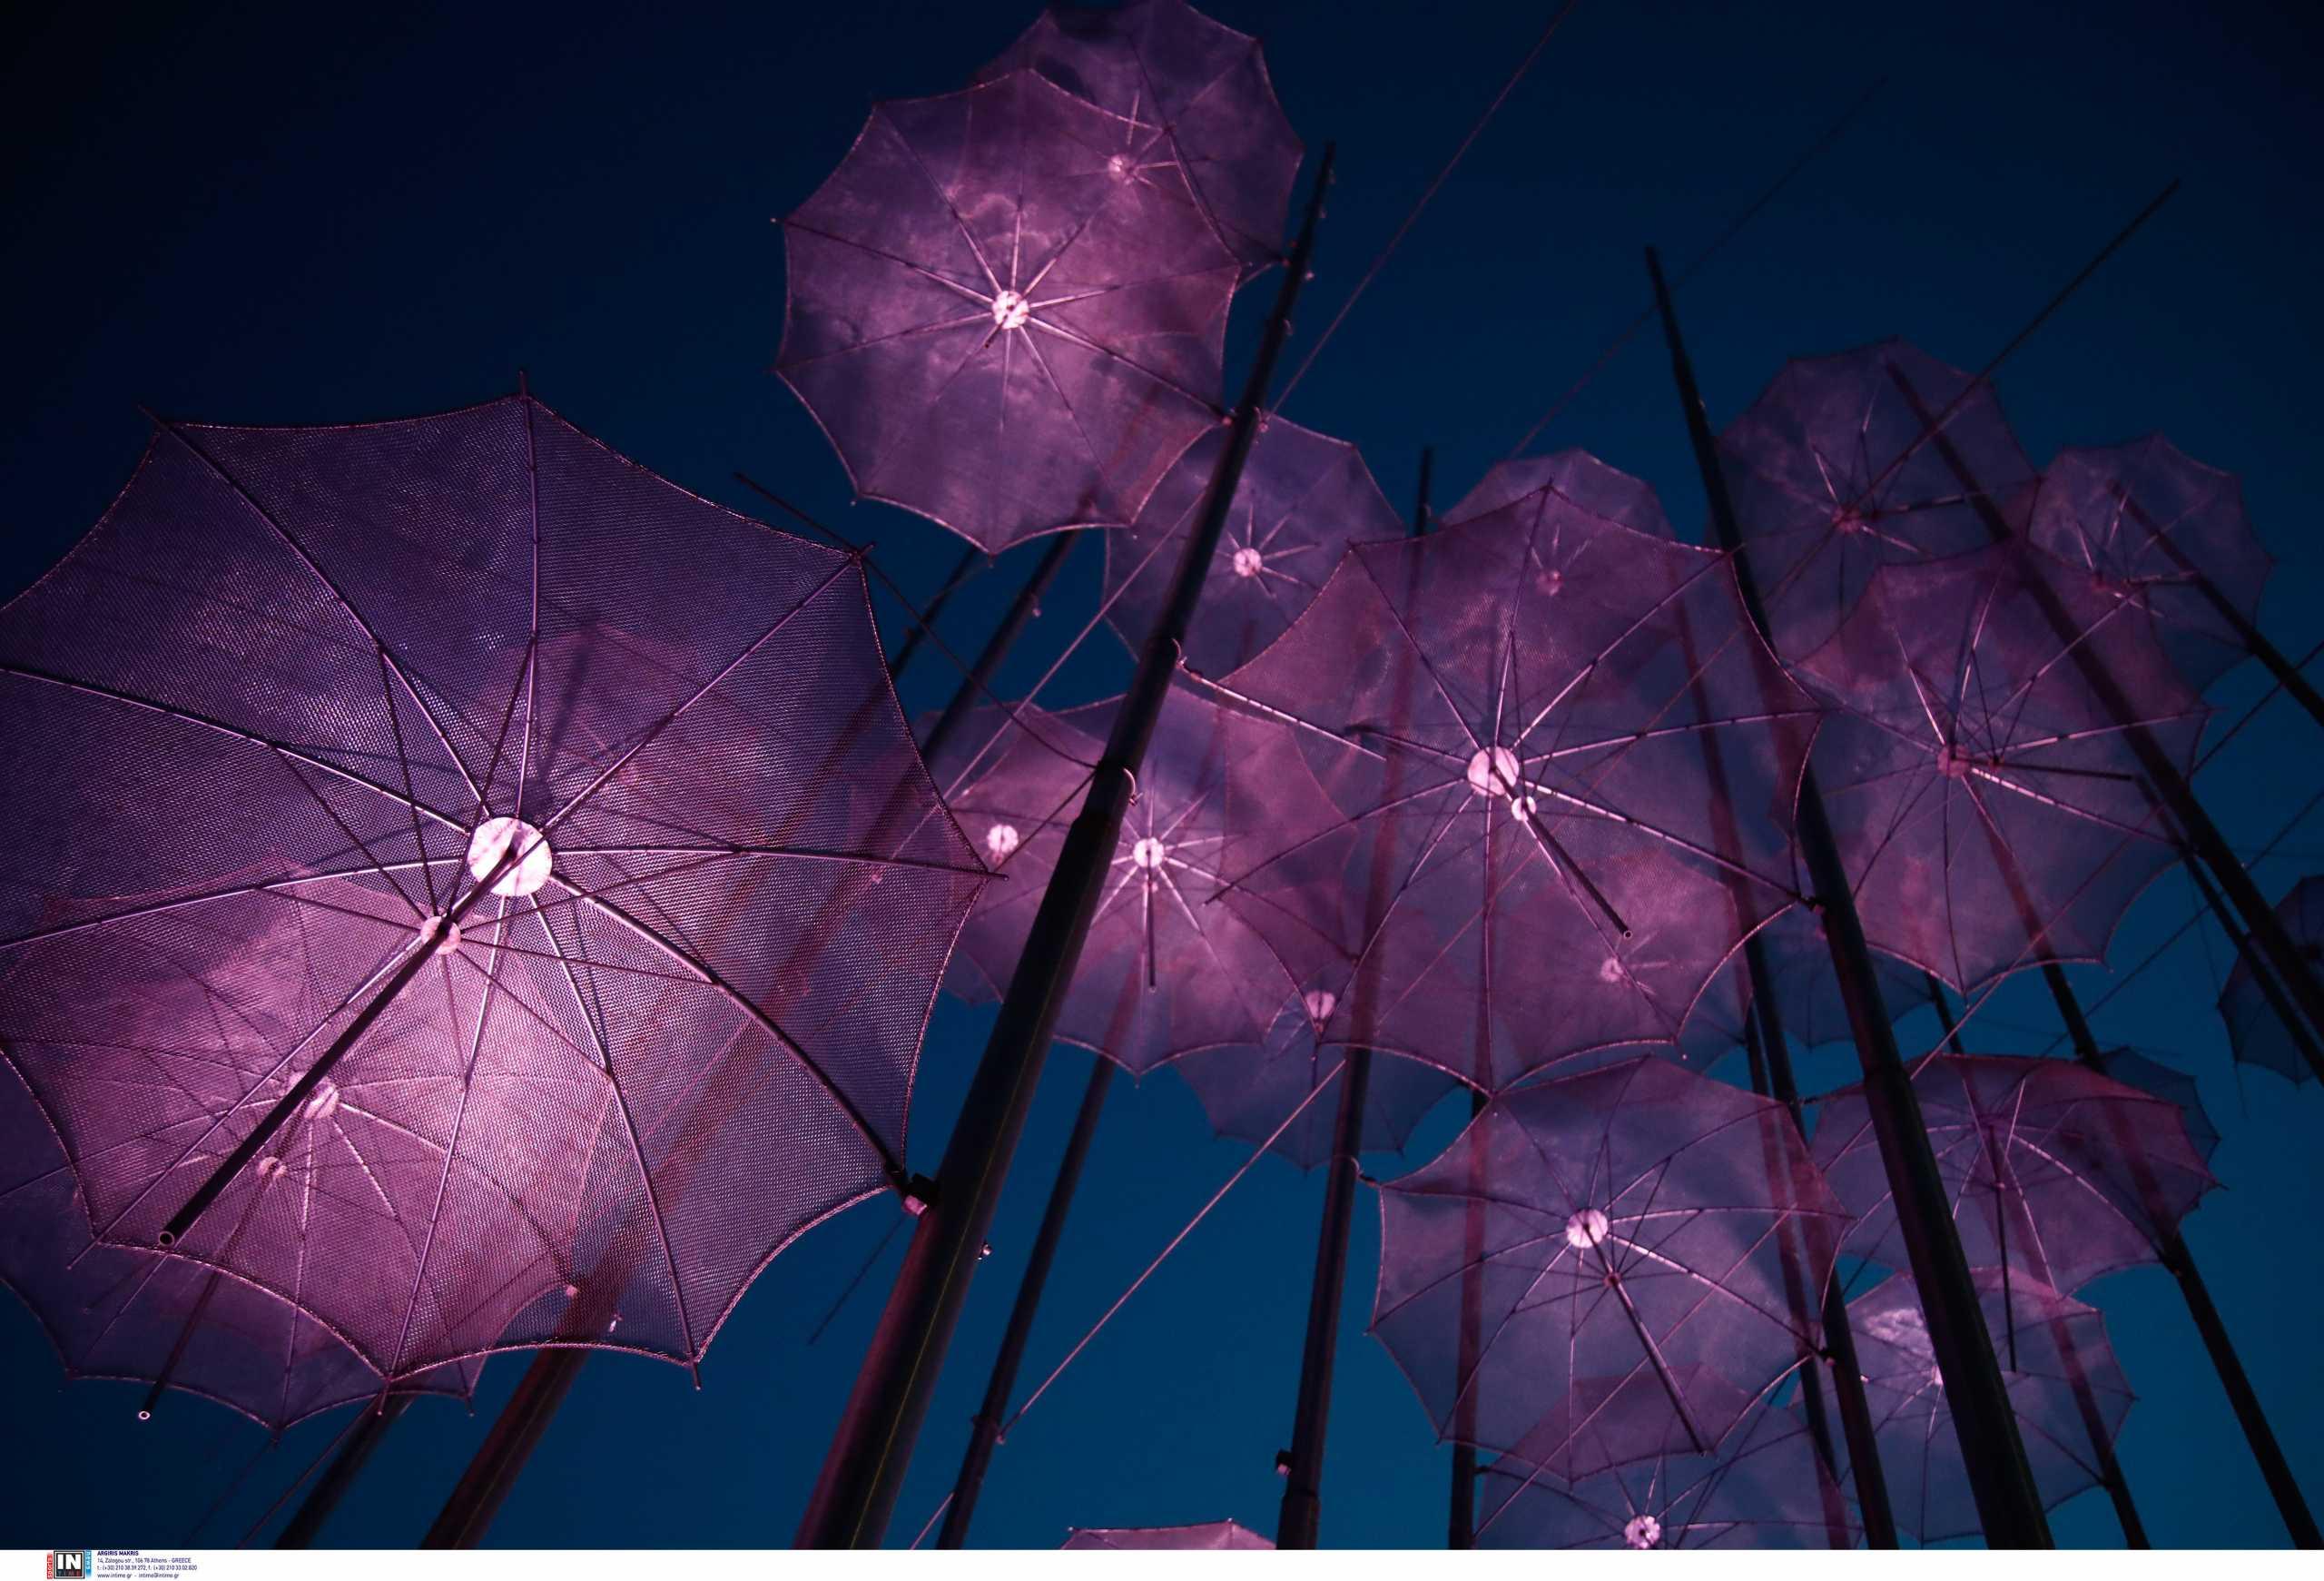 Θεσσαλονίκη: Στο πένθιμο μοβ χρώμα οι «Ομπρέλες» του Ζογγολόπουλου